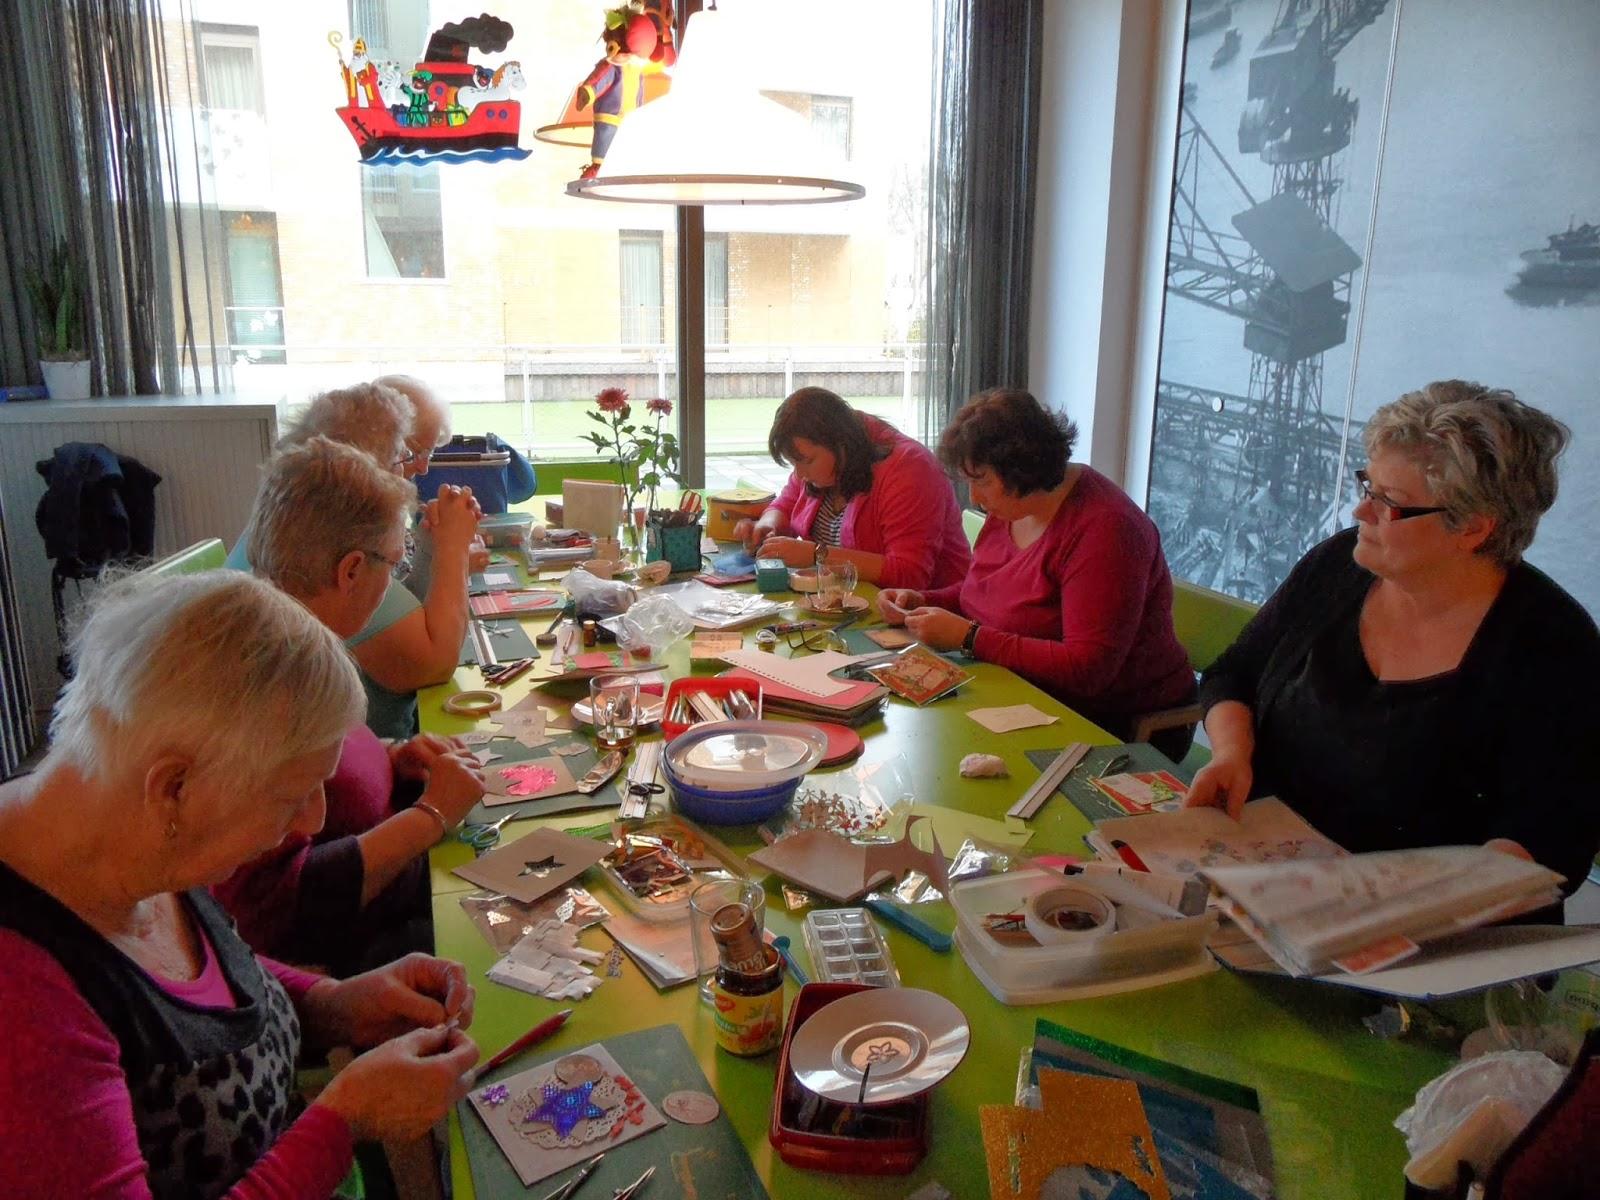 Startpagina Kerstkaarten Maken.Kaarten Maken In Capelle Aan Den Ijssel Club Facet